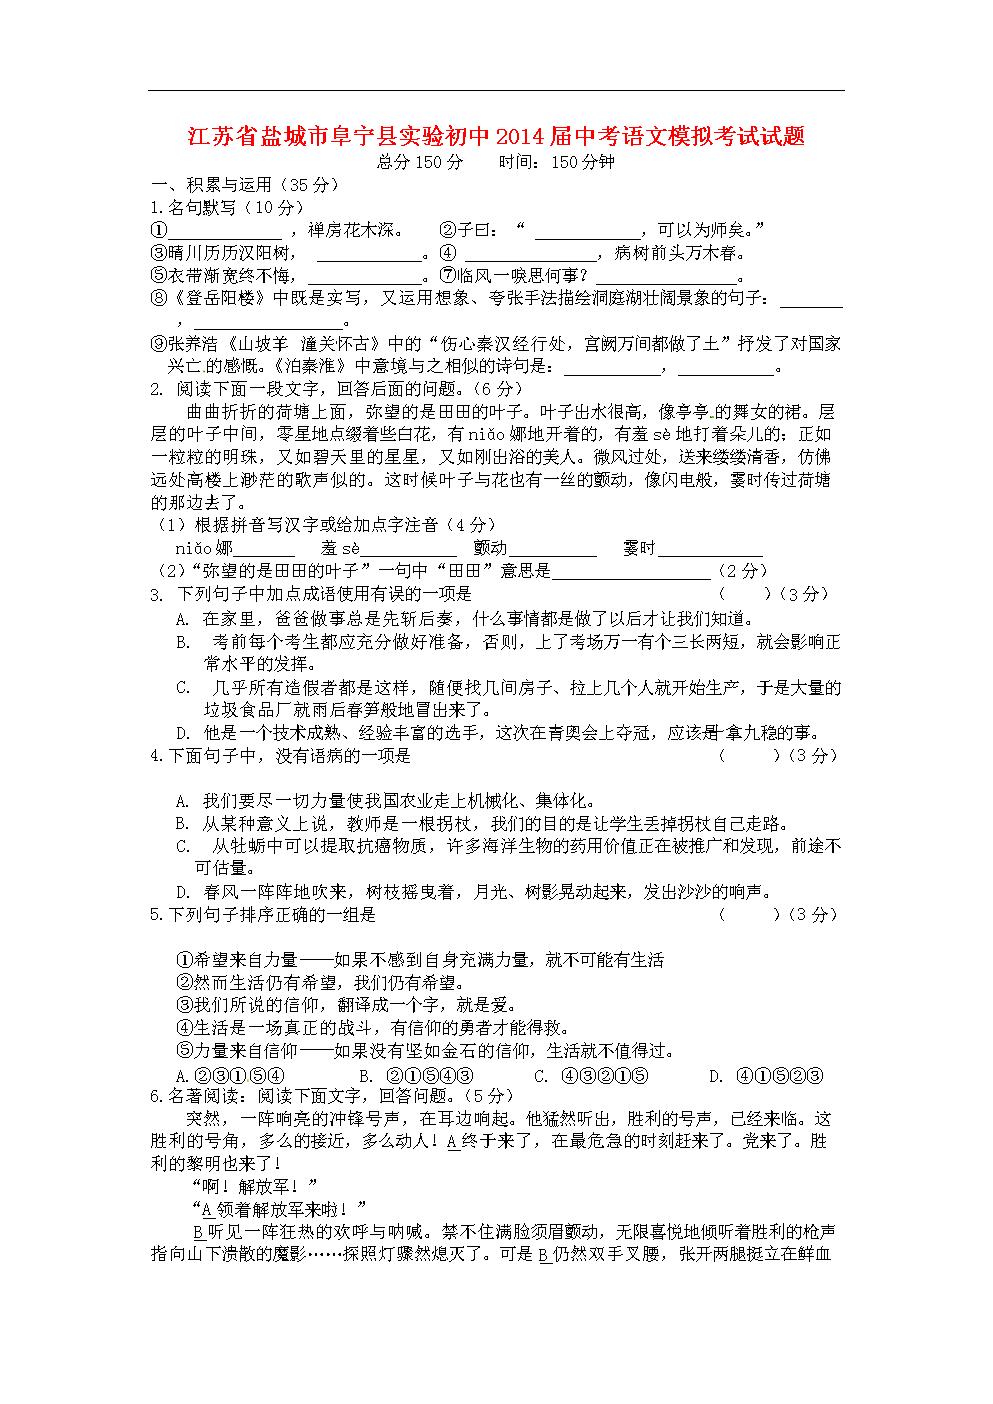 江苏省盐城市阜宁县v初中初中2016届中考语公式人教定理数学初中文版或图片